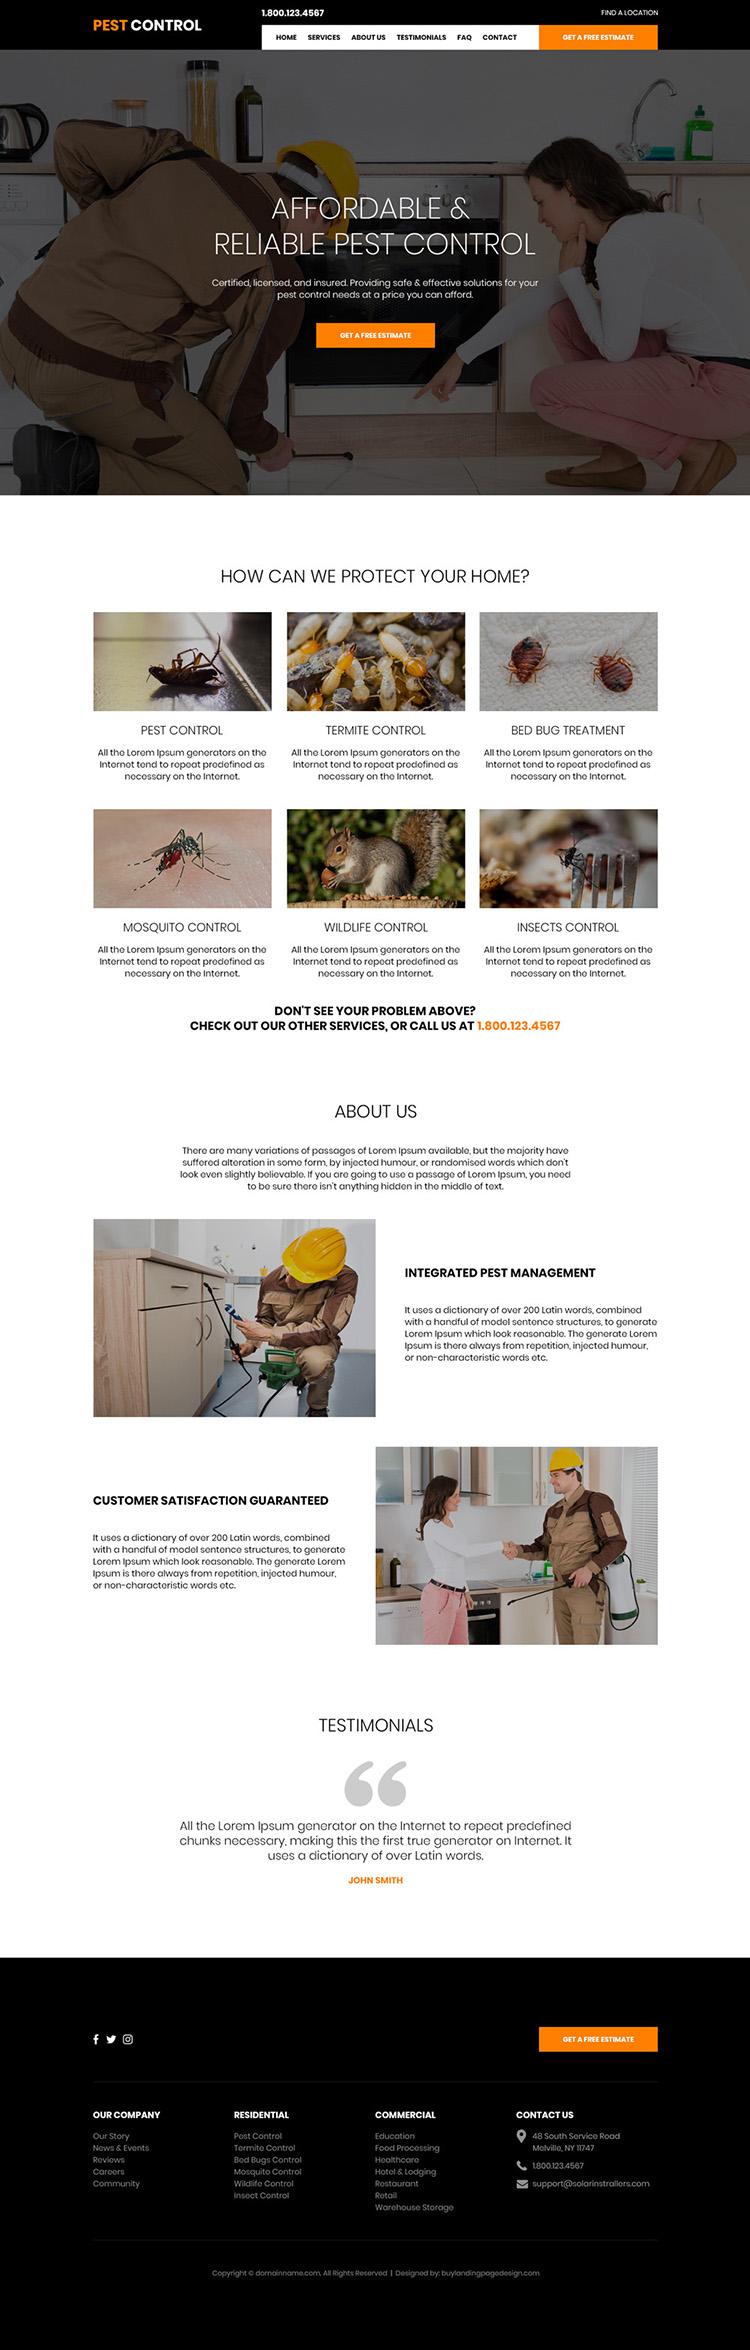 affordable pest control service responsive website design